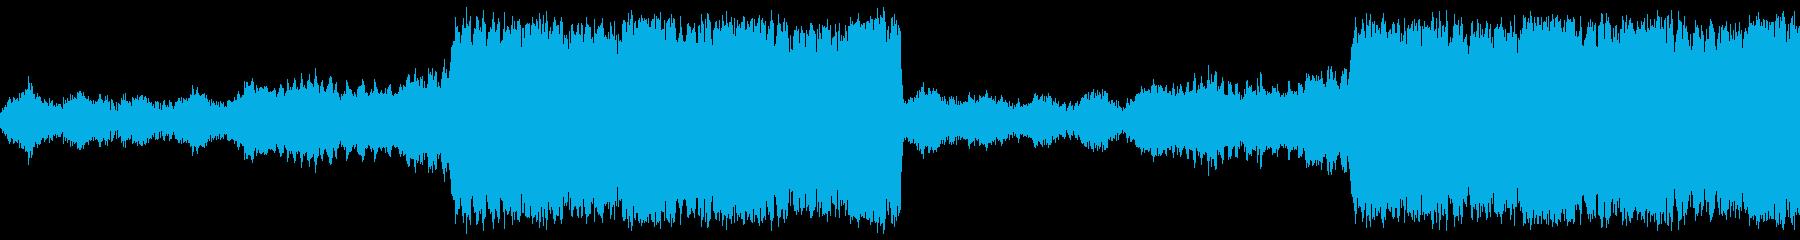 【ドラム抜き】シリアスで宇宙っぽいエピ…の再生済みの波形